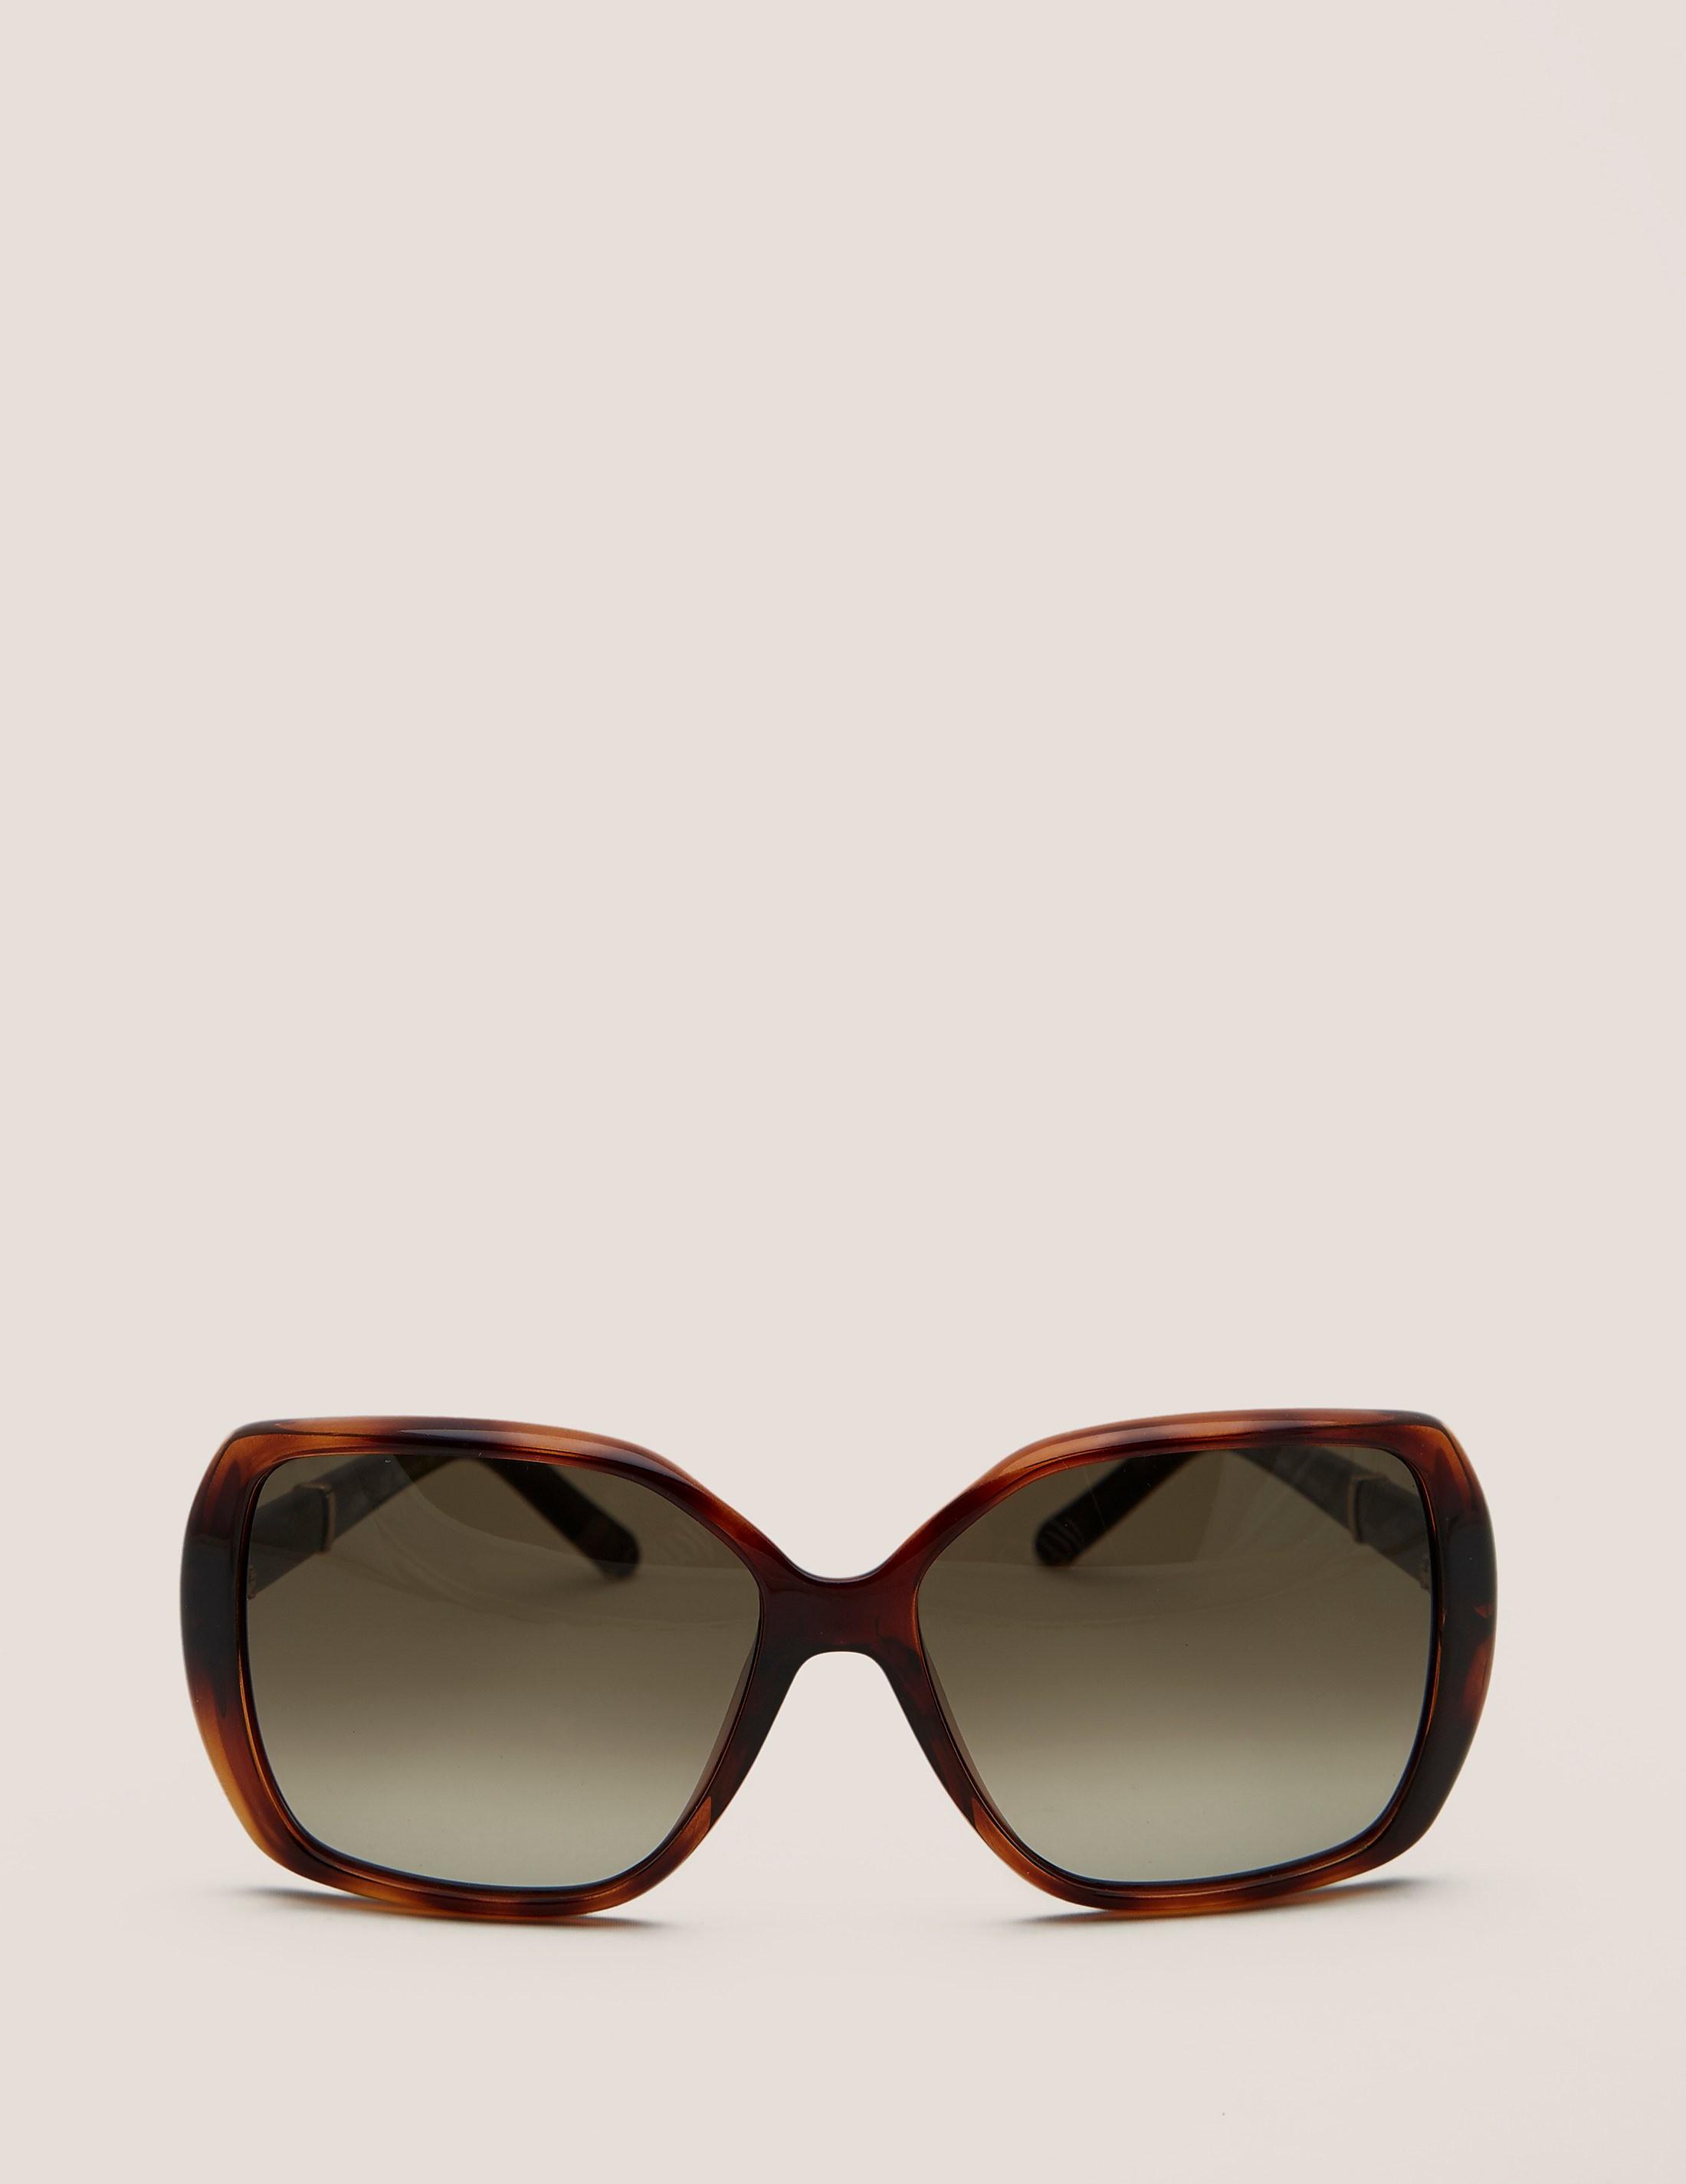 Chloe Tortoiseshell Rectangular Sunglasses